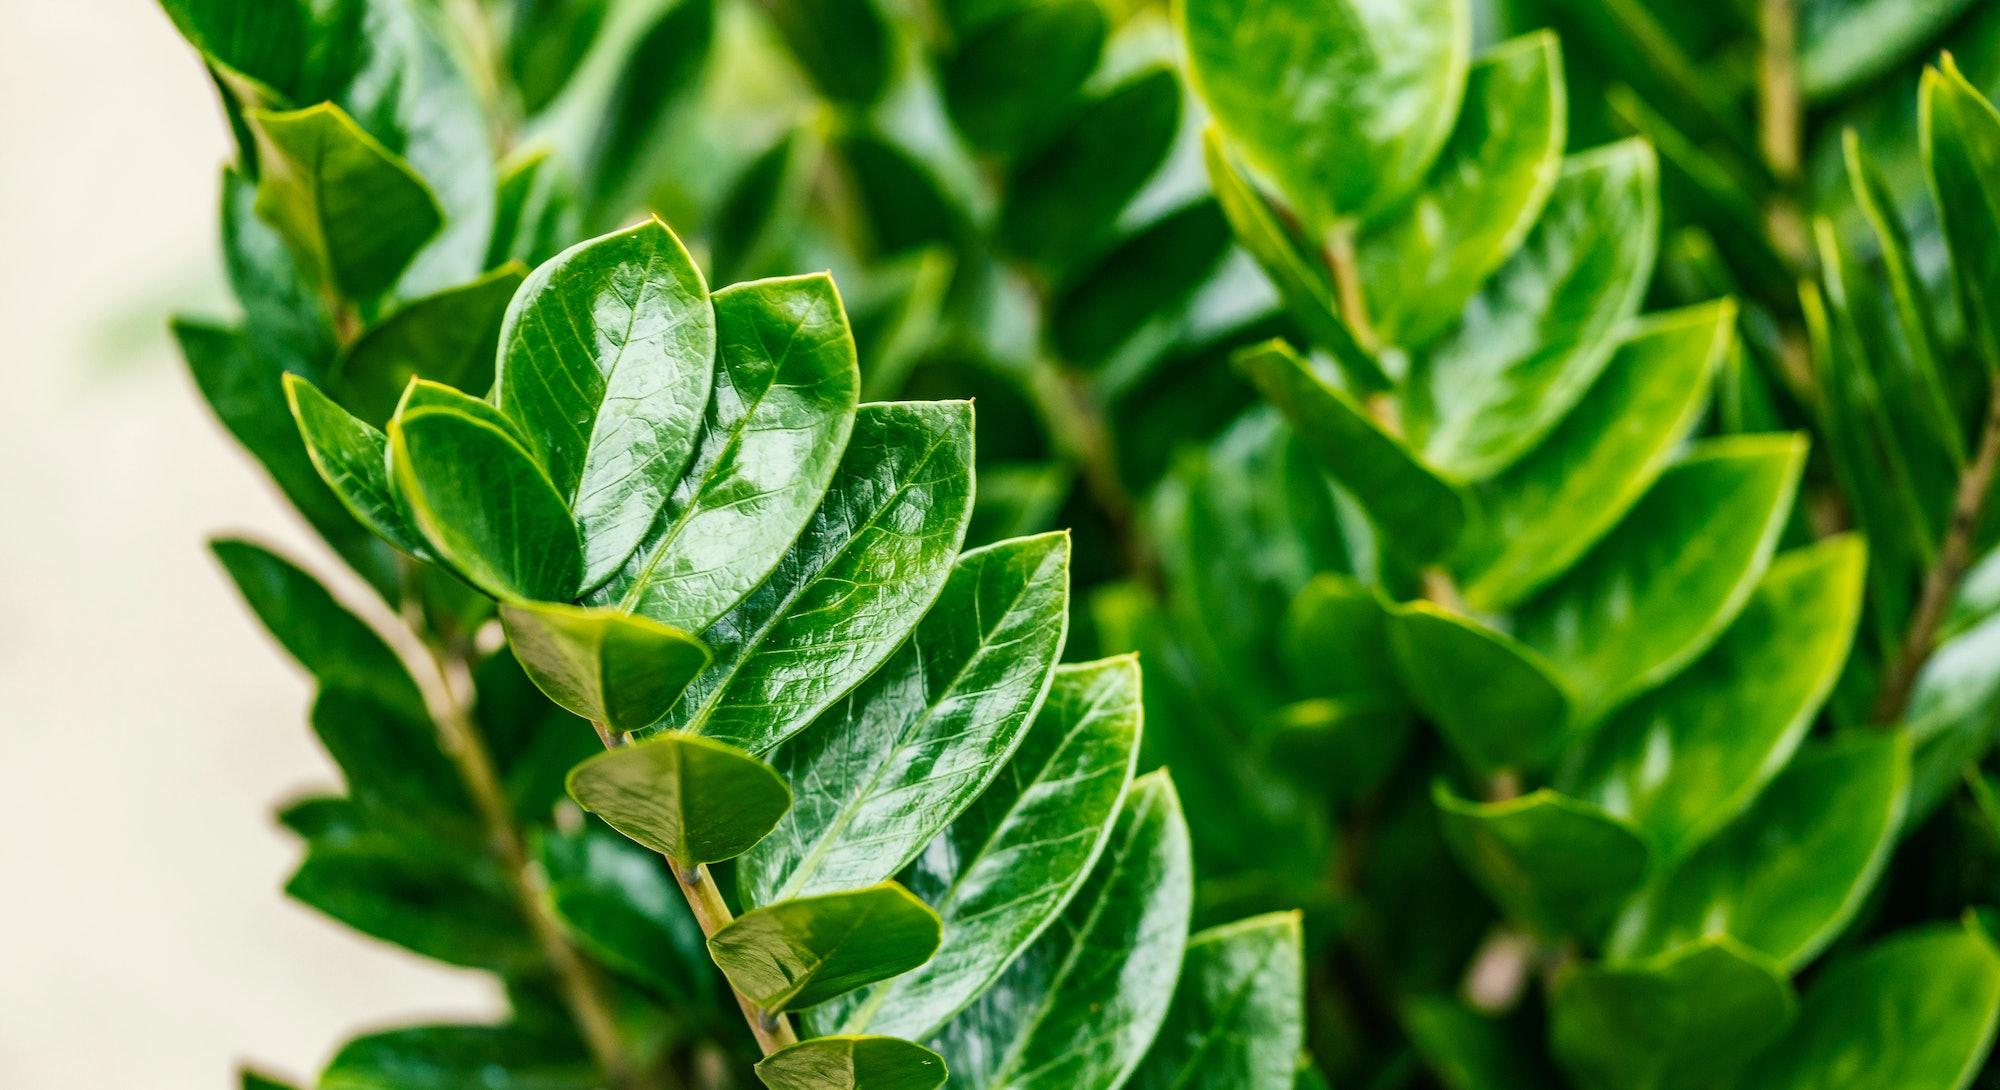 Zamioculcas zamiifolia. It's also known as Zanzibar gem, ZZ plant, Zuzu plant, aroid palm, eternity ...